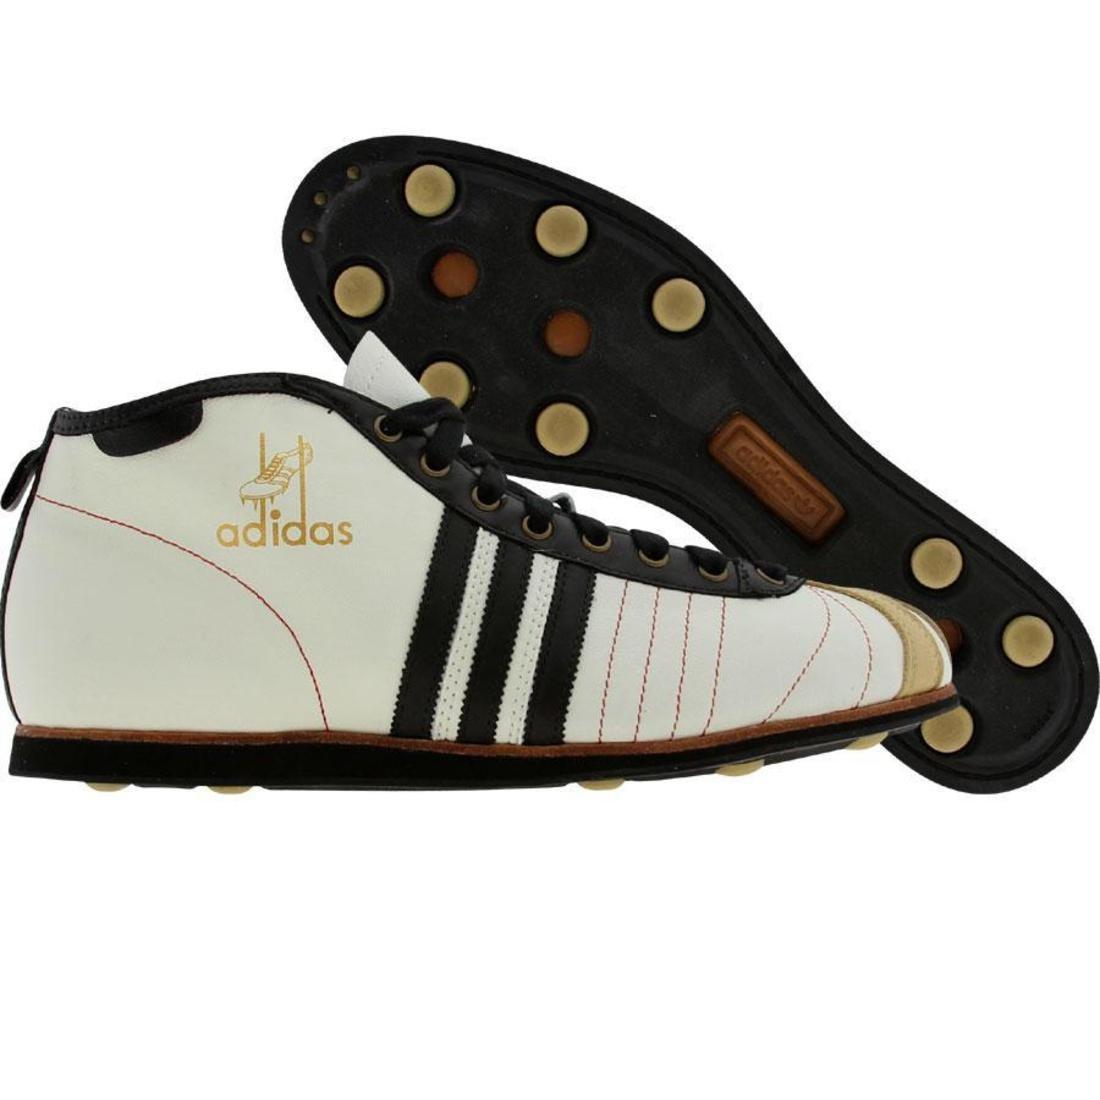 【海外限定】アディダス ビンテージ ヴィンテージ 黒 ブラック メンズ靴 靴 【 ADIDAS VINTAGE BLACK FOOTBALL 54 LEGACY SSTORM 】